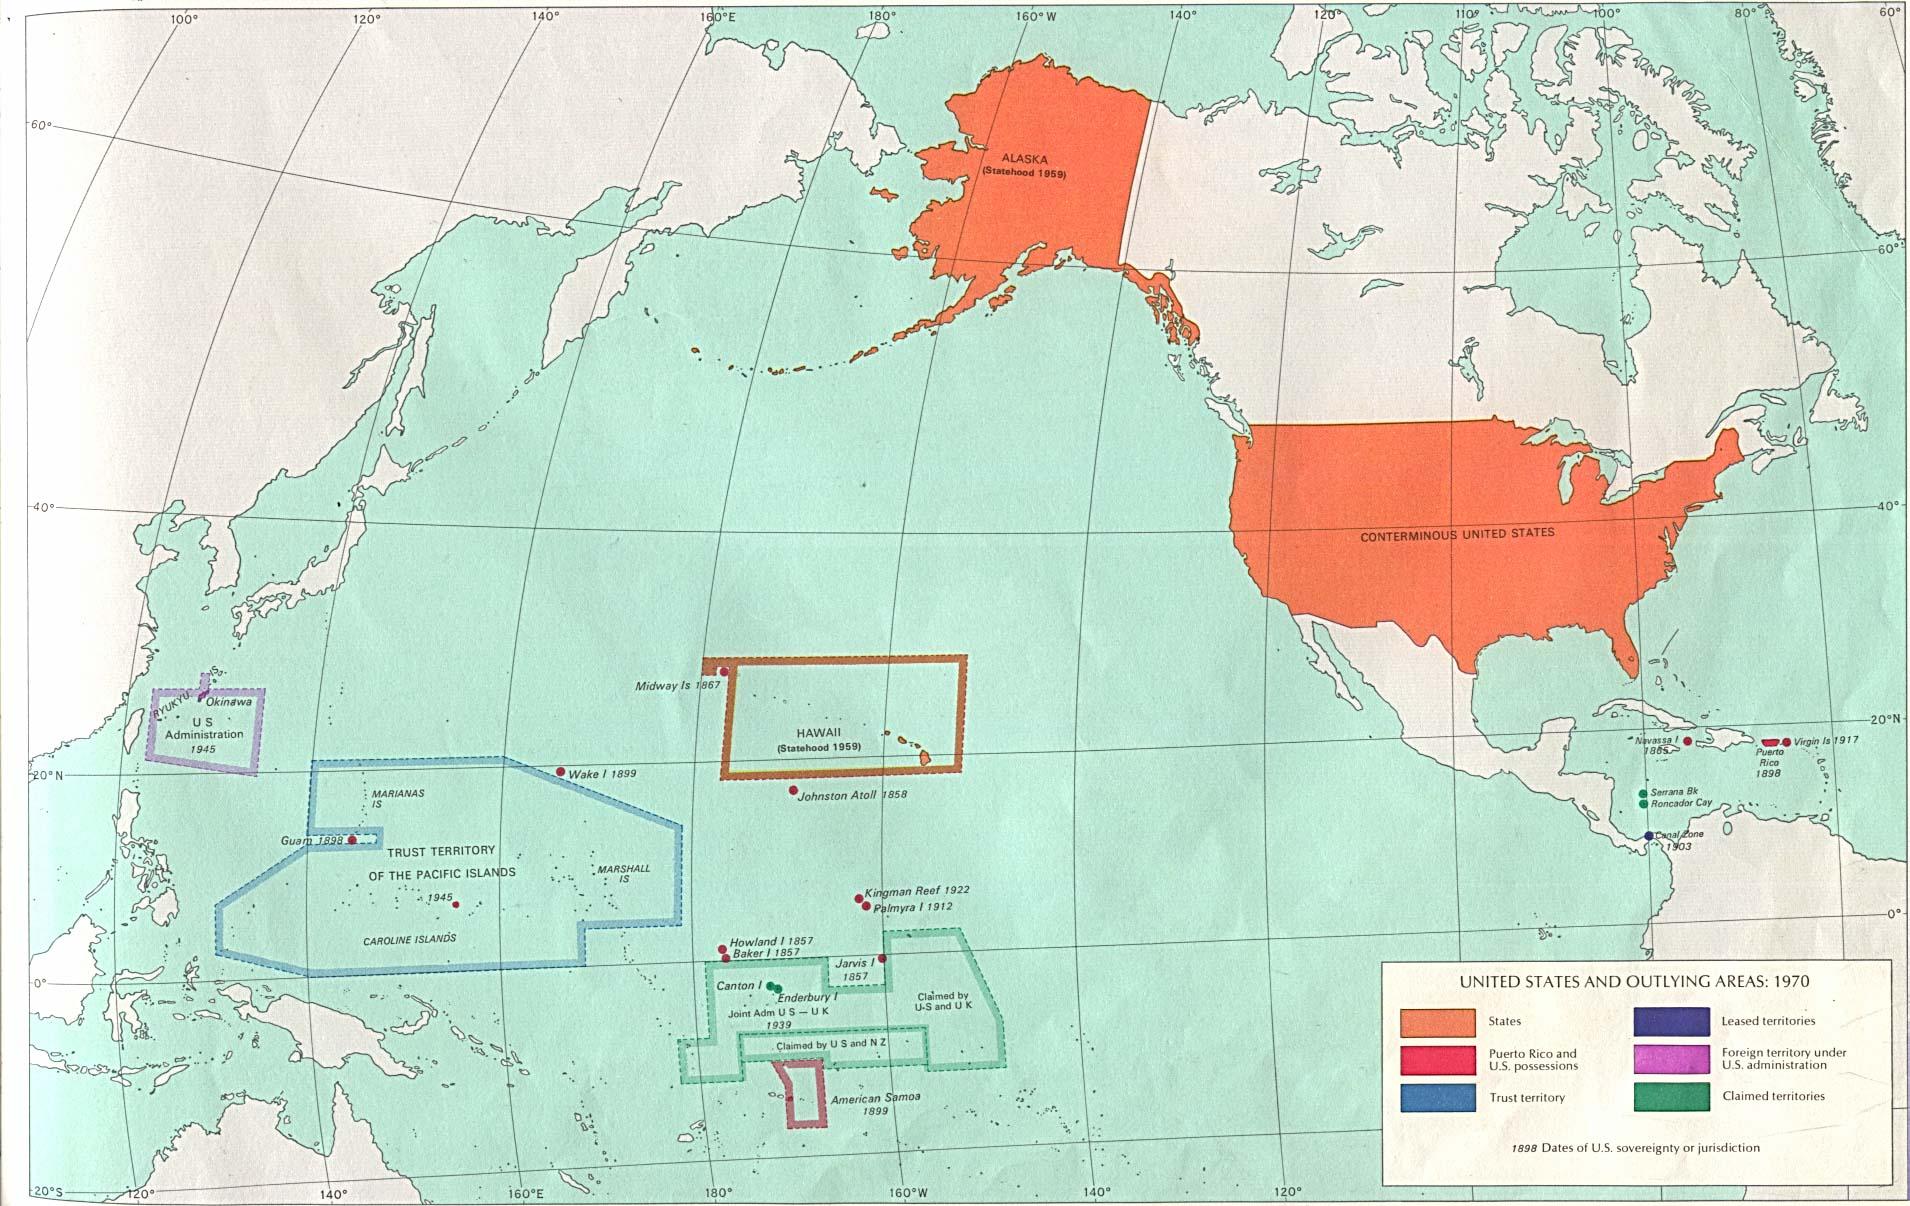 Mapa de los Estados Unidos y Áreas Periféricas